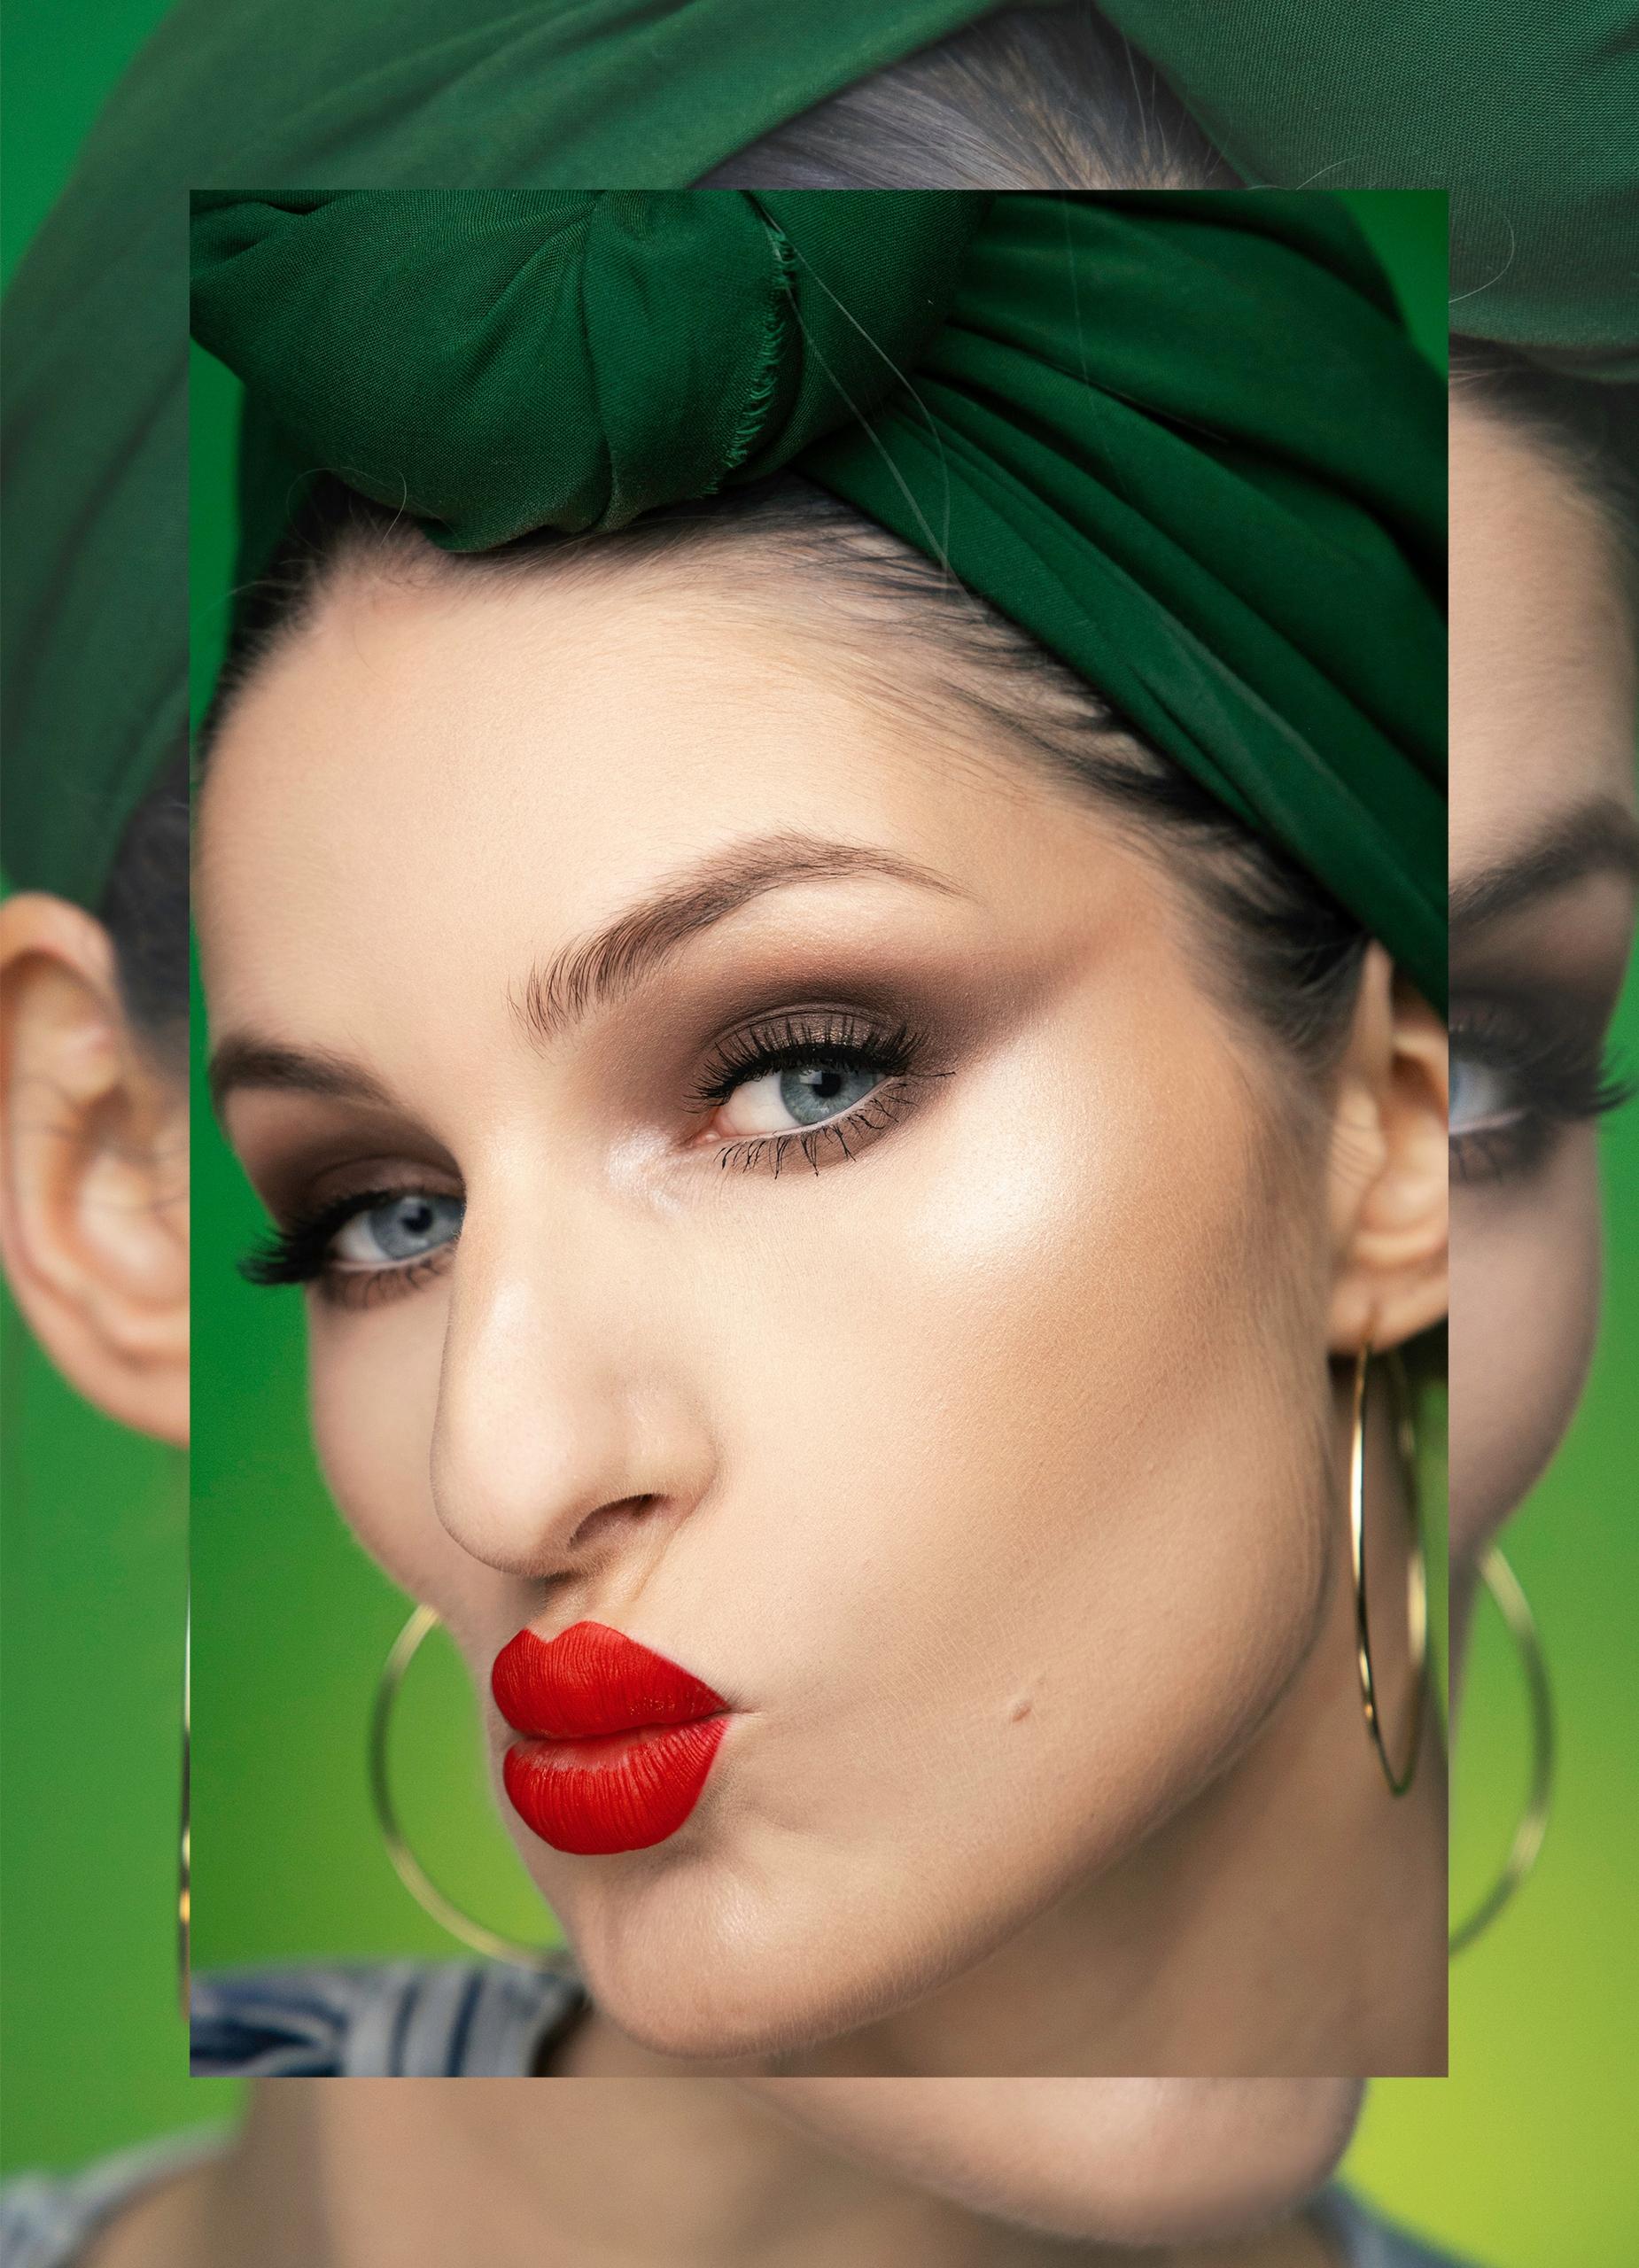 Obraz przestawia twarz kobiety z czerwonymi ustami. Kobieta ma na głowie zieloną chustkę, a usta układa w grymaśnej minie.